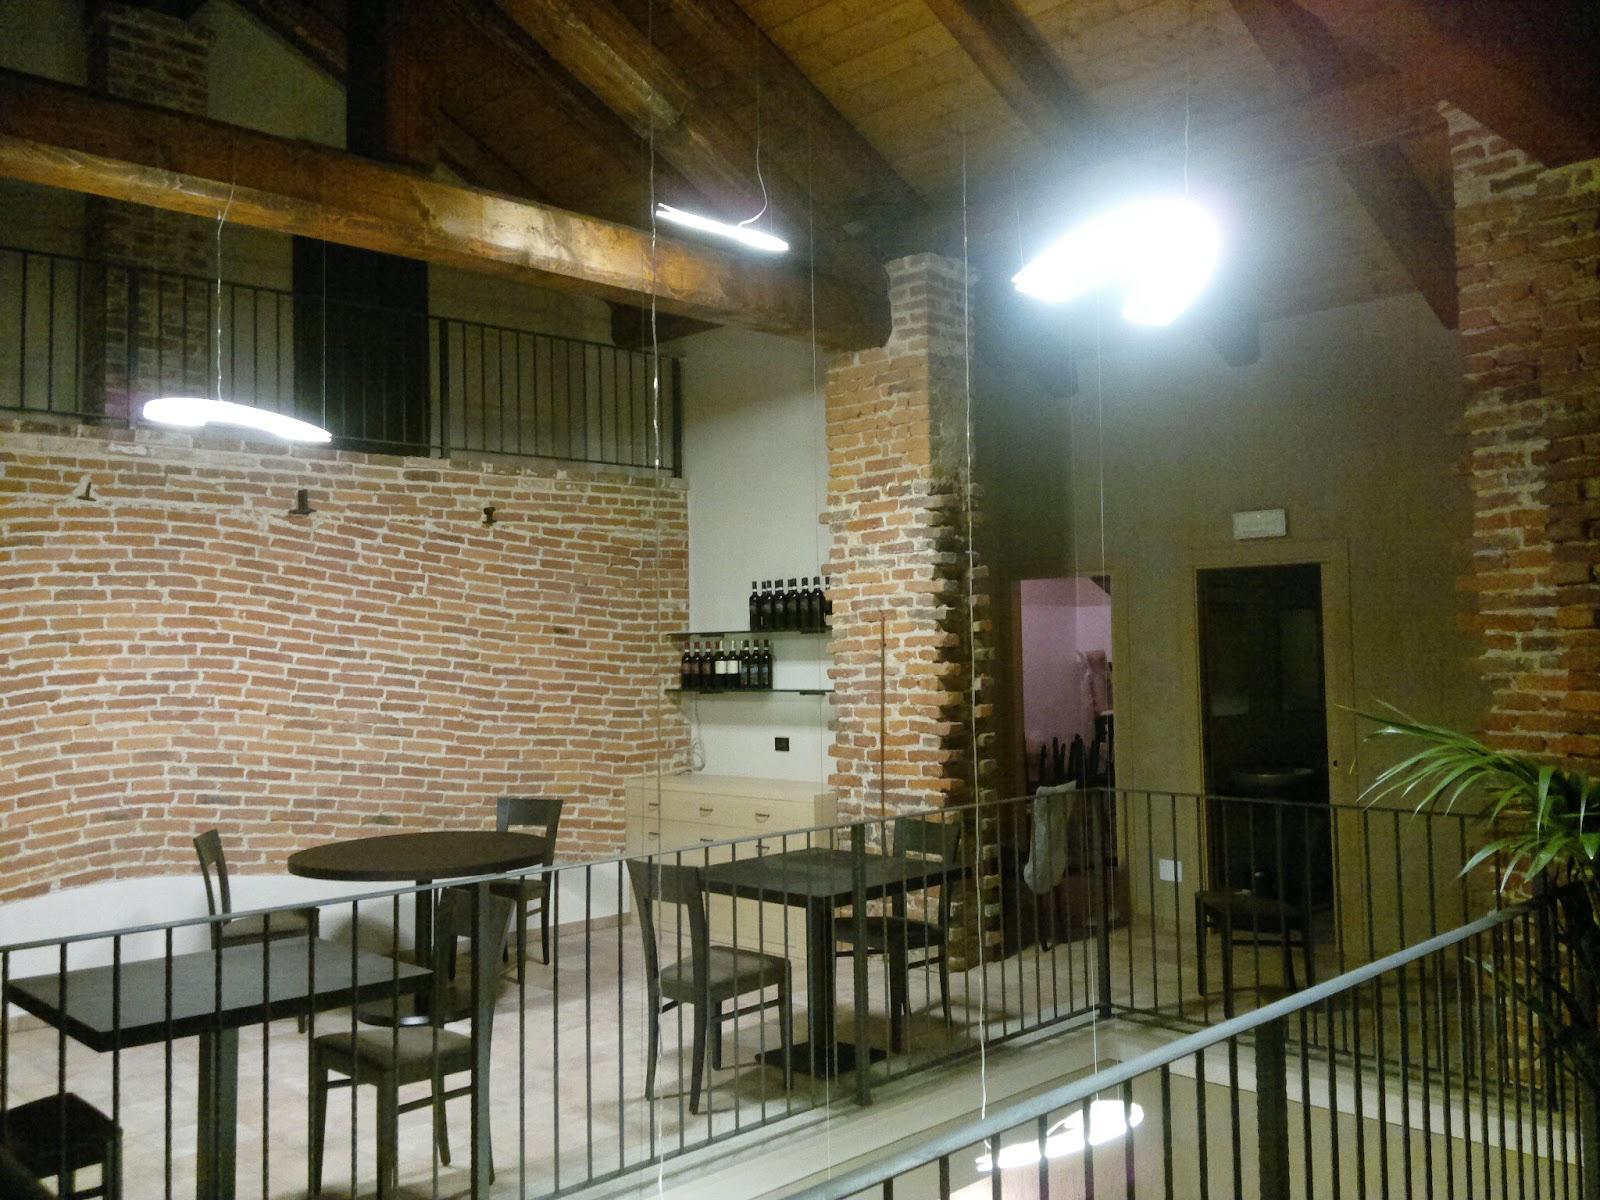 Illuminazione Led casa: Favria (TO) - Illuminazione LED del Ristorante da Enrietto